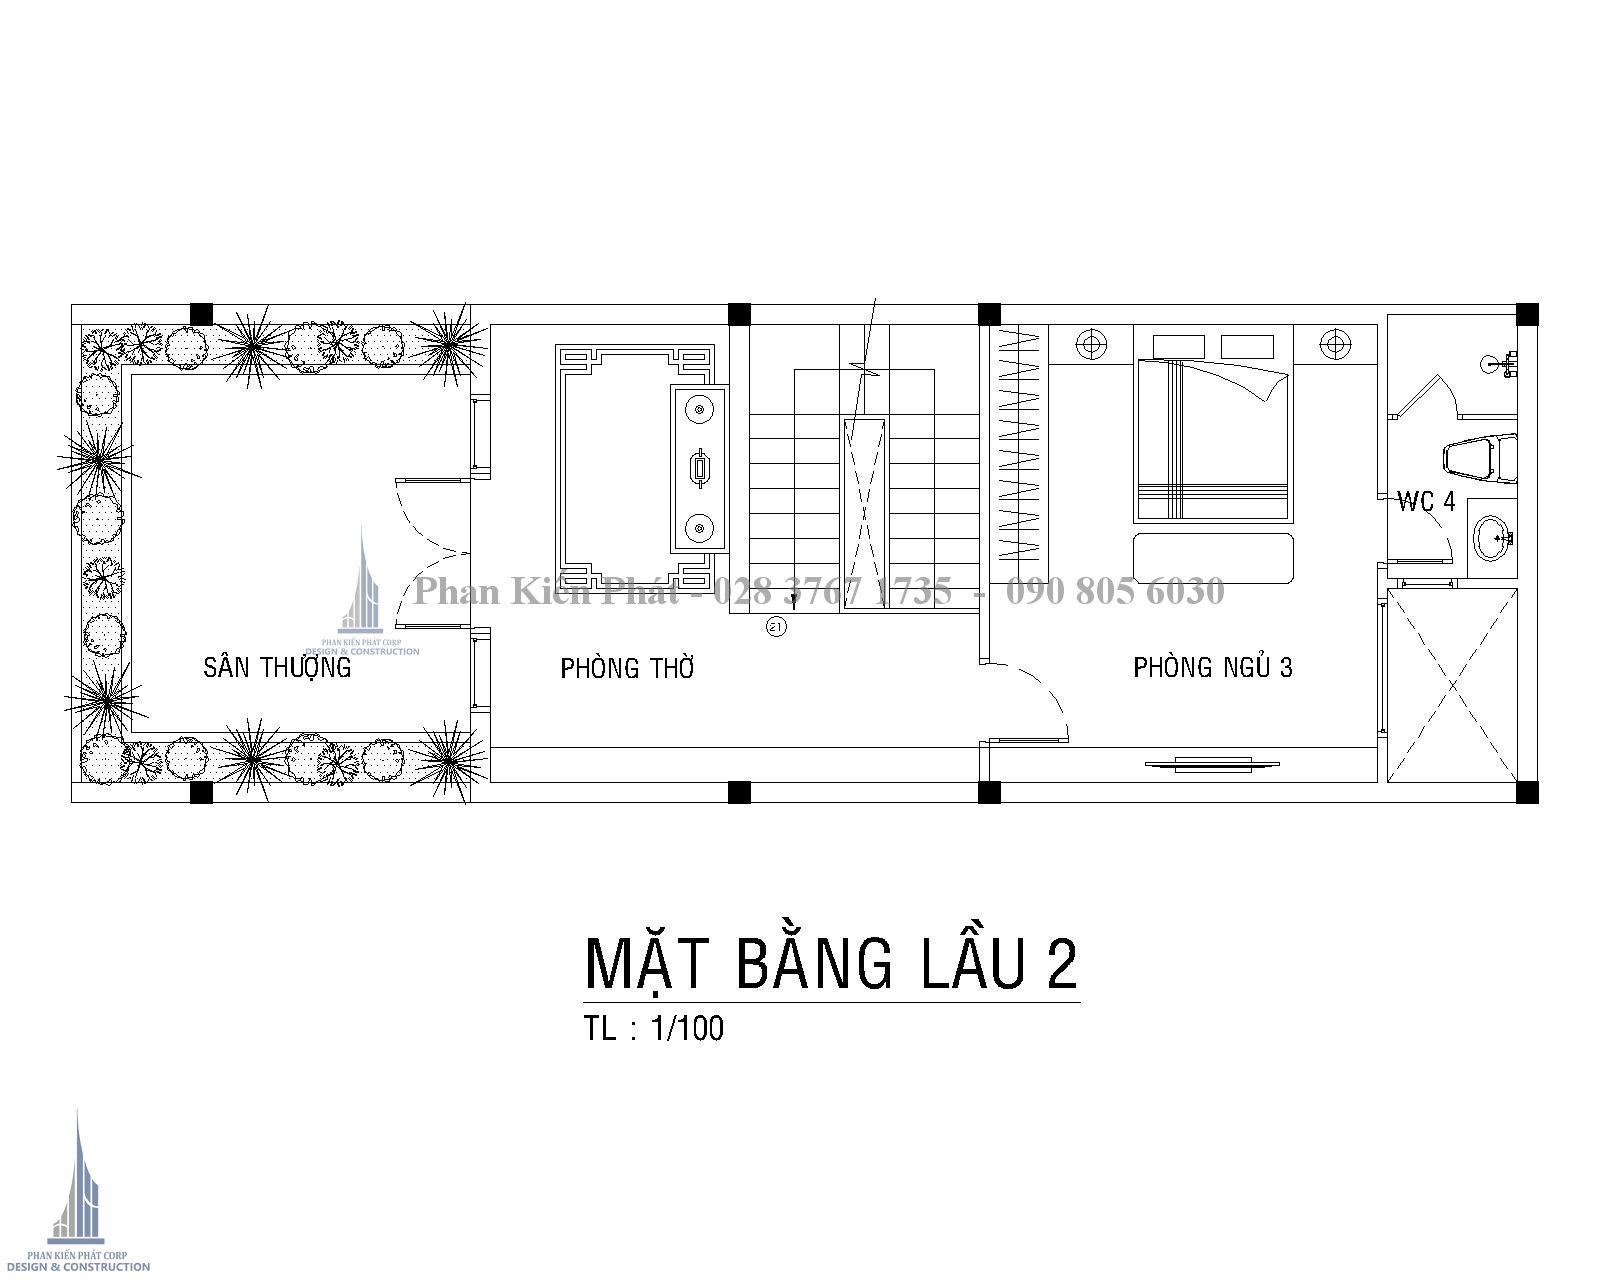 Mat Bang Cong Nang Lau 2 Nha Ong Co Dien Dep Anh Hoa